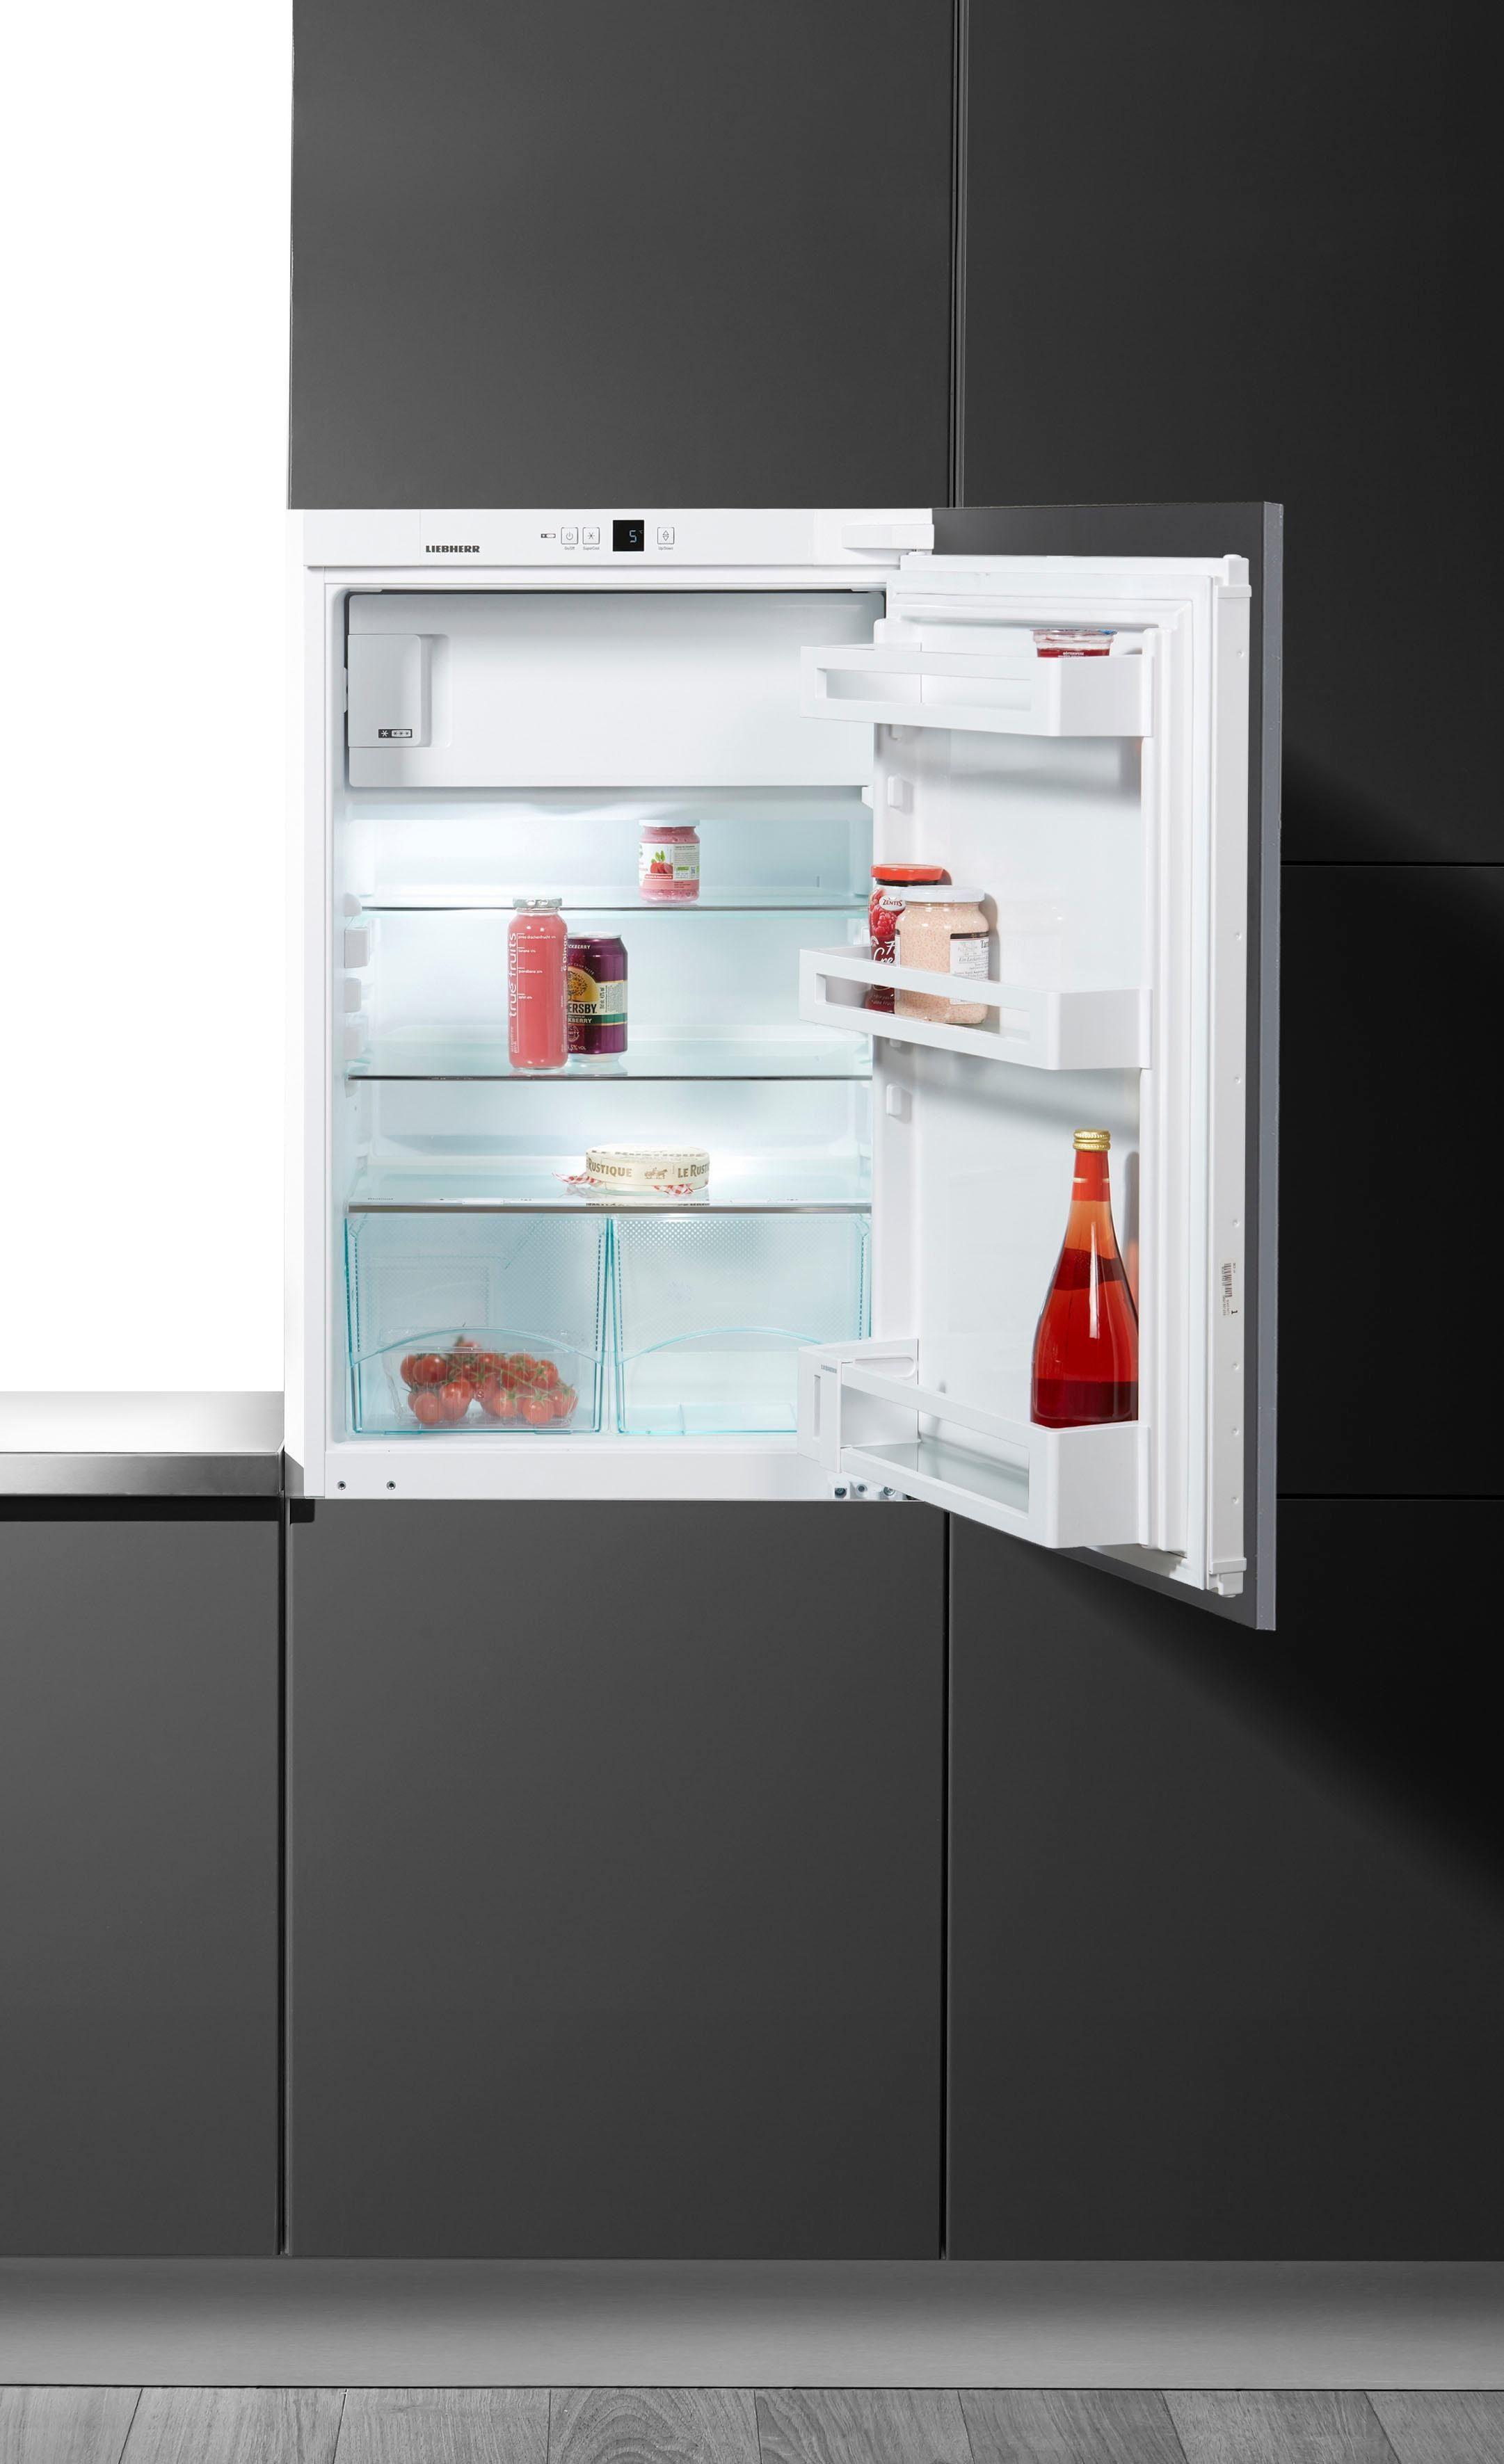 Liebherr integrierbarer Einbau-Kühlschrank IKS 1624, Energieklasse A++, 87,2 cm hoch